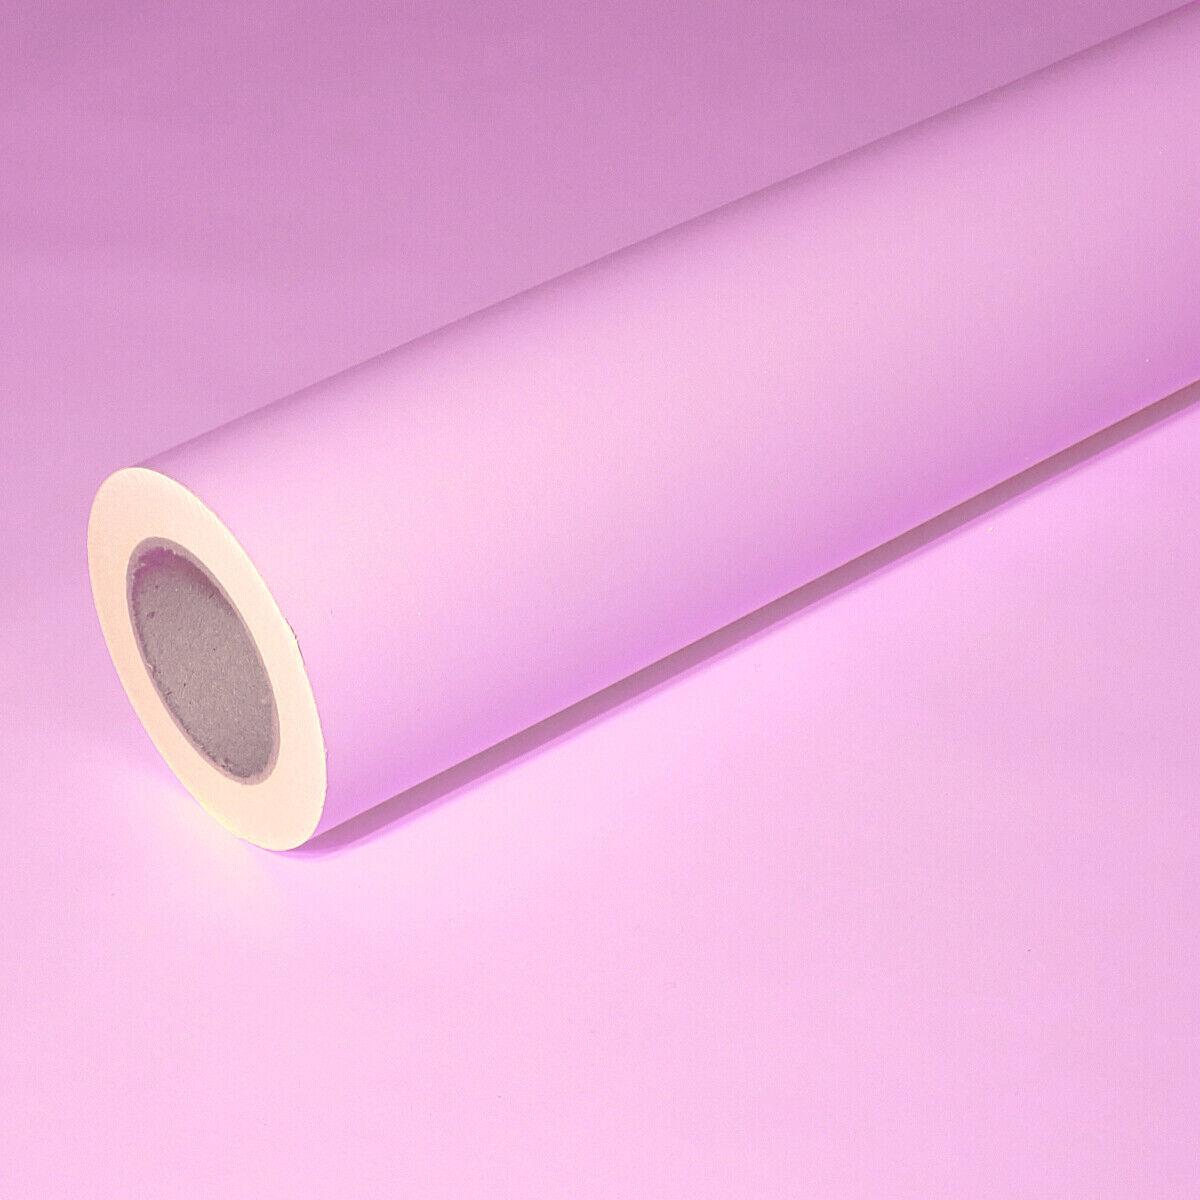 0,55 /m² 50m x 0,75m  pink junopax regalo de papel resistente a la intemperie mojado papel fijo